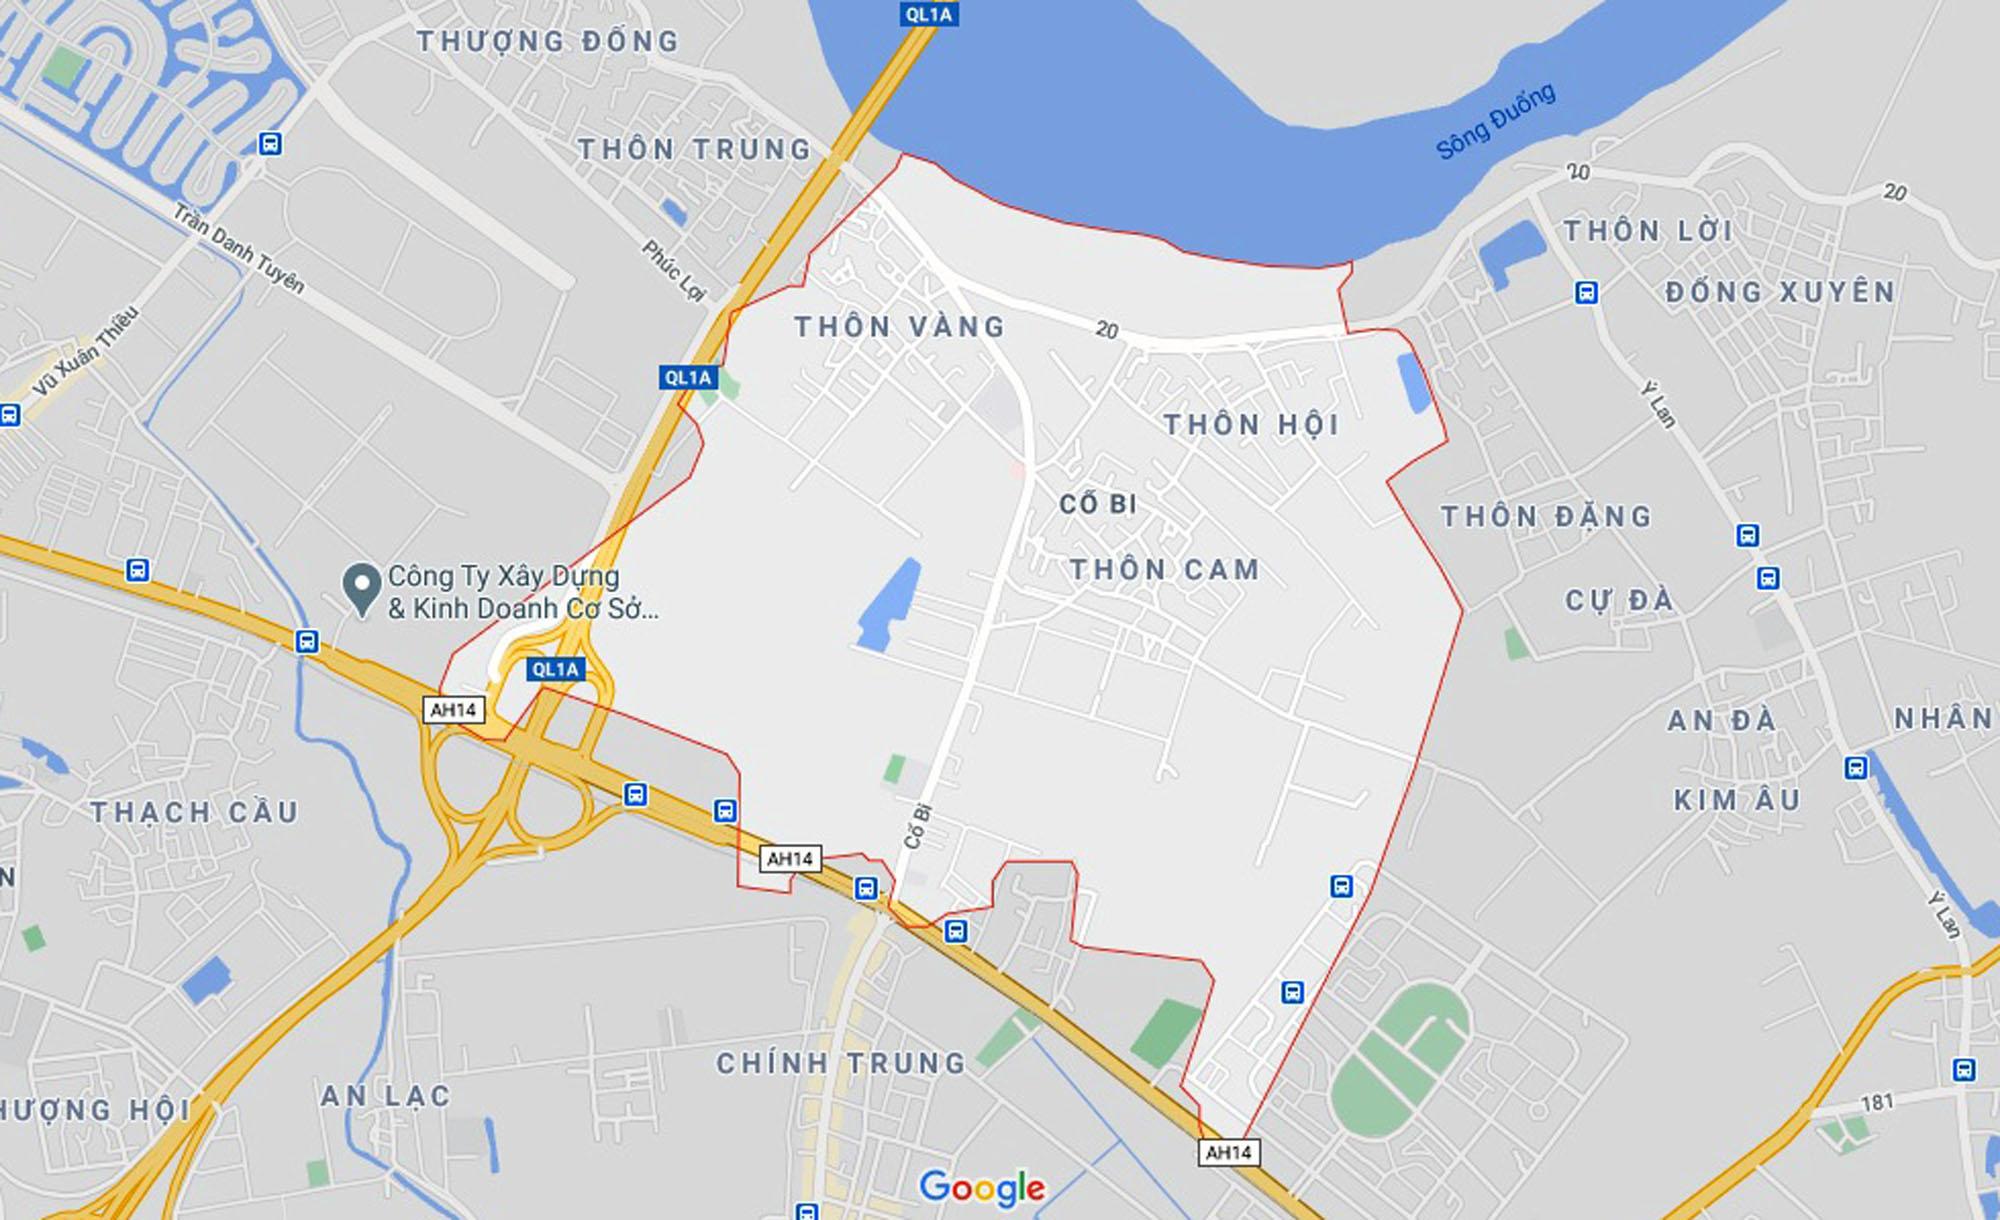 đường sẽ mở theo qui hoạch ở xã Cổ Bi, Gia Lâm, Hà Nội - Ảnh 1.